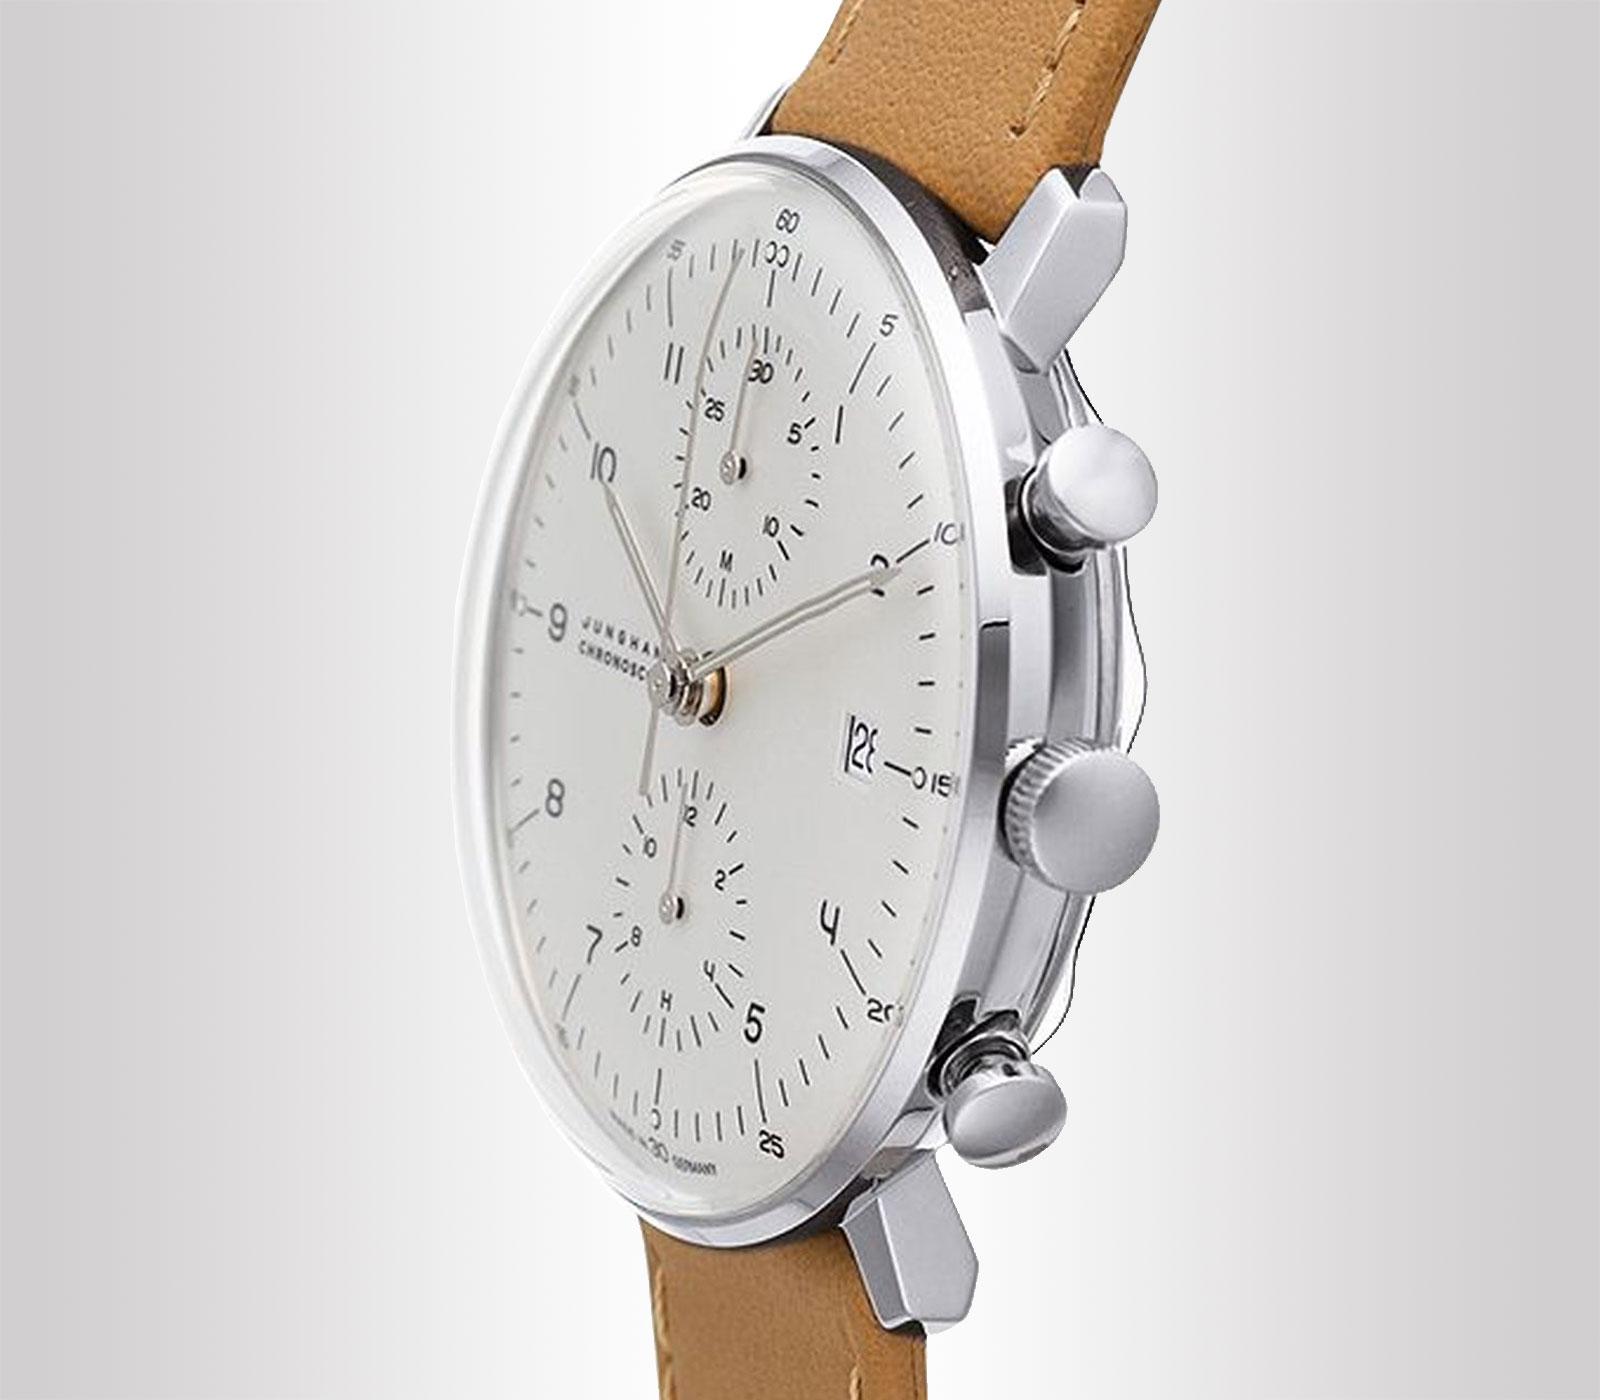 Quadrante argento opaco con lancette ora e minuti visibili al buio con funzione cronografo